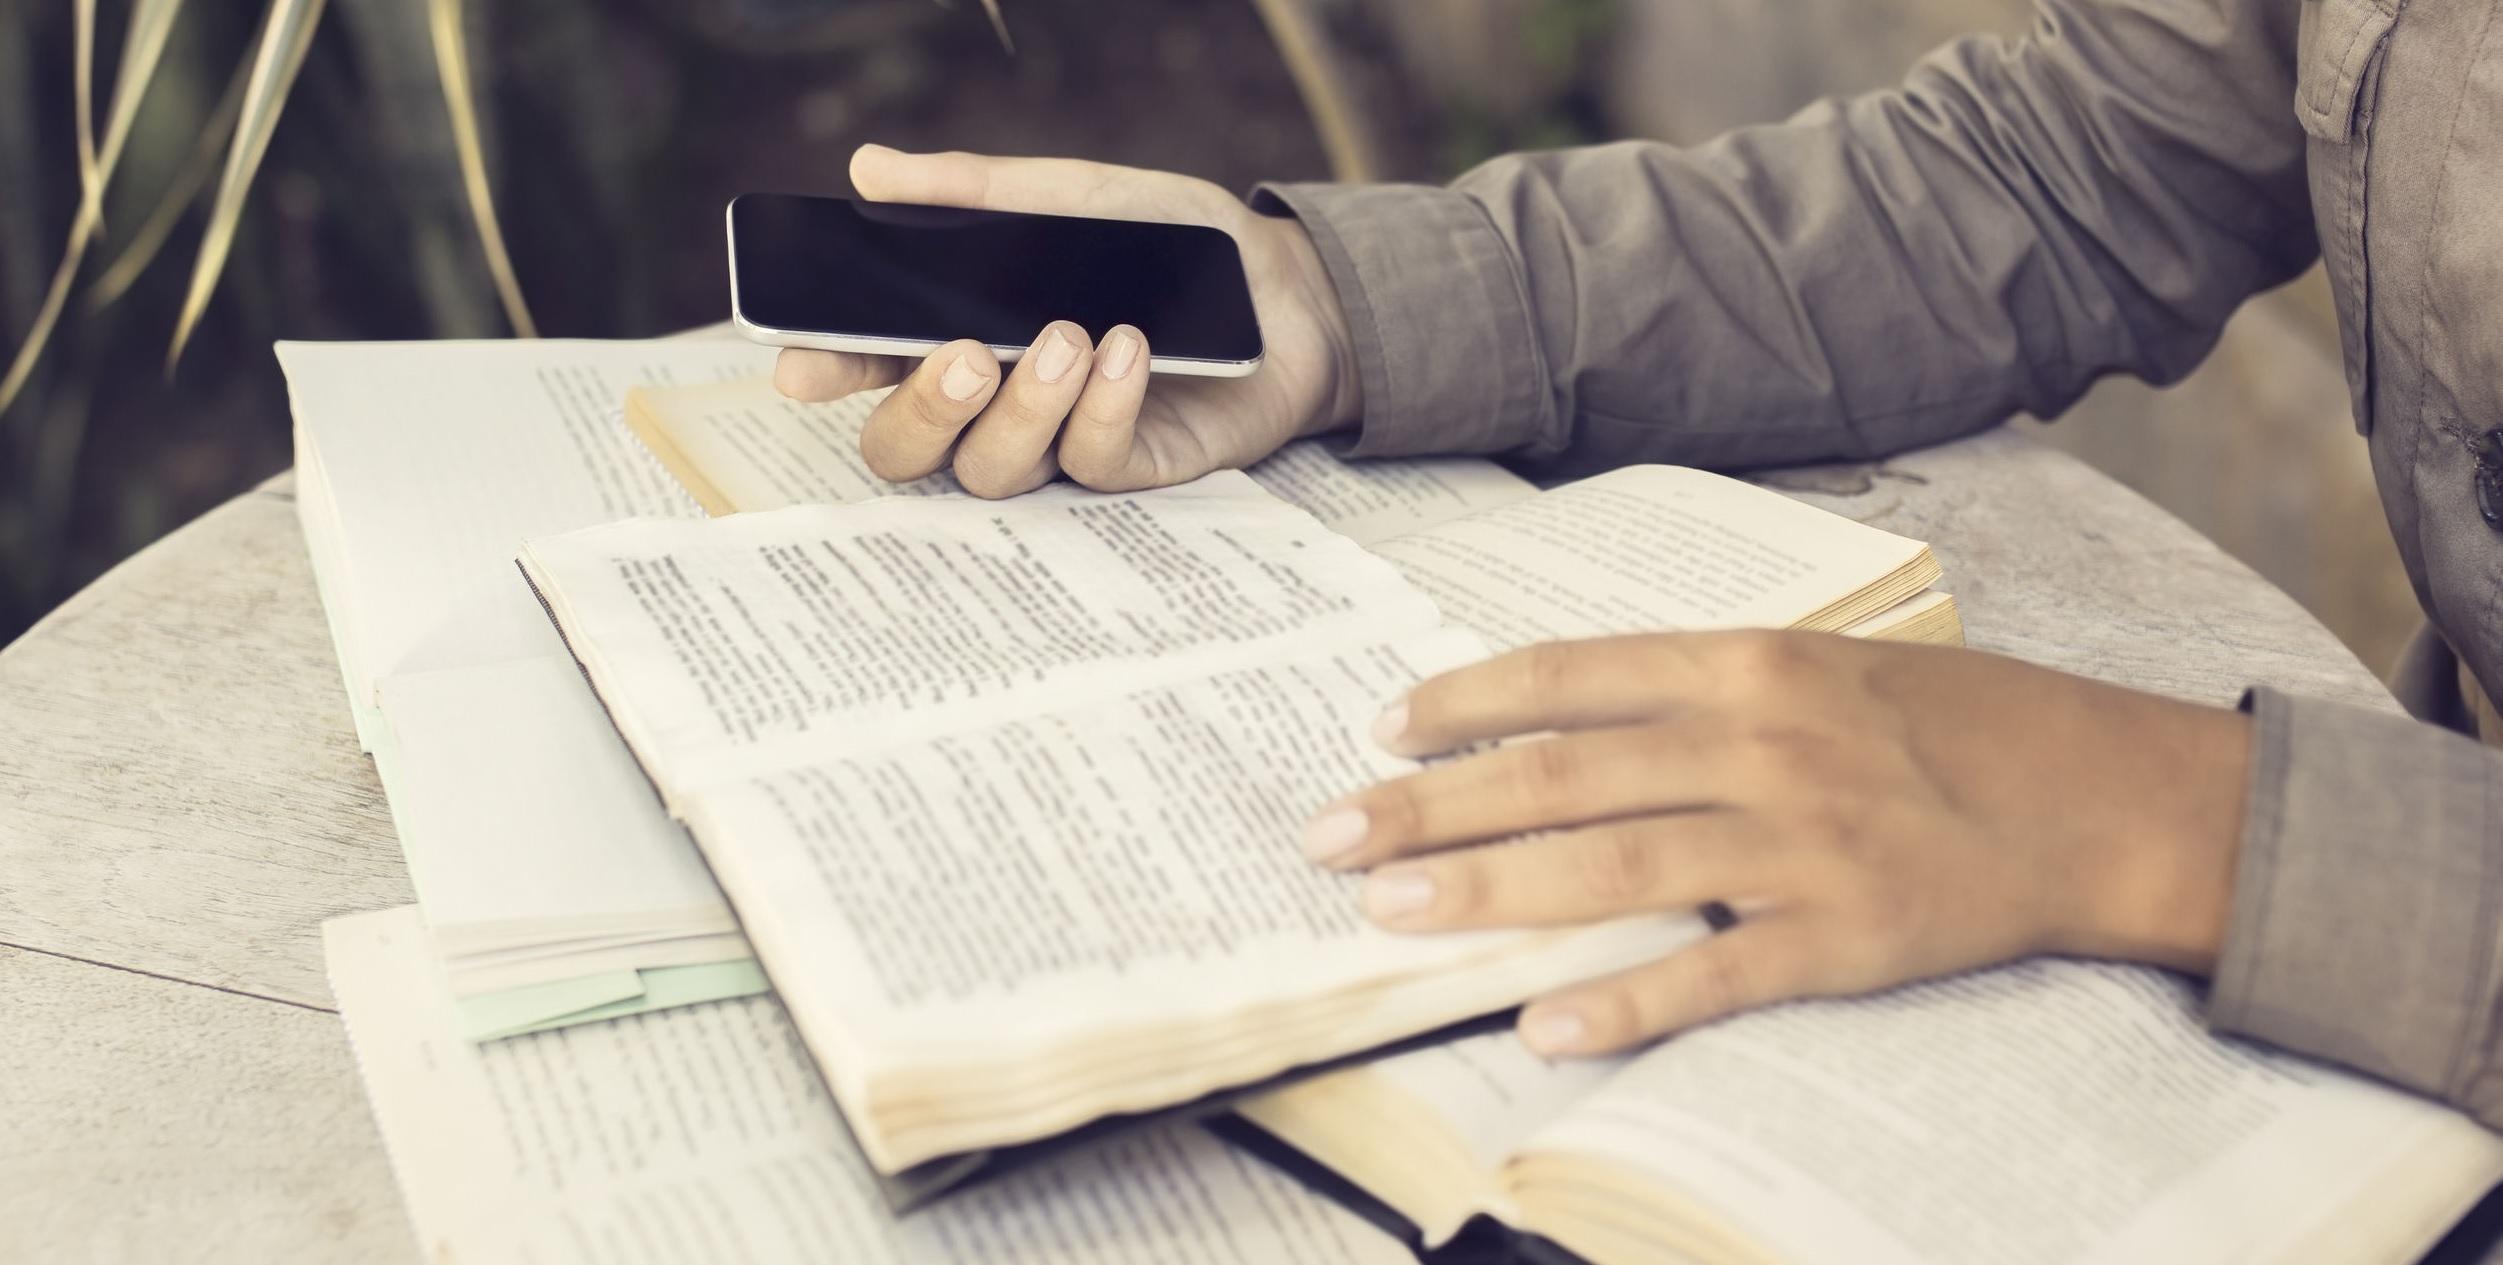 Redes Sociais, Livros e o Perigo do Consumismo